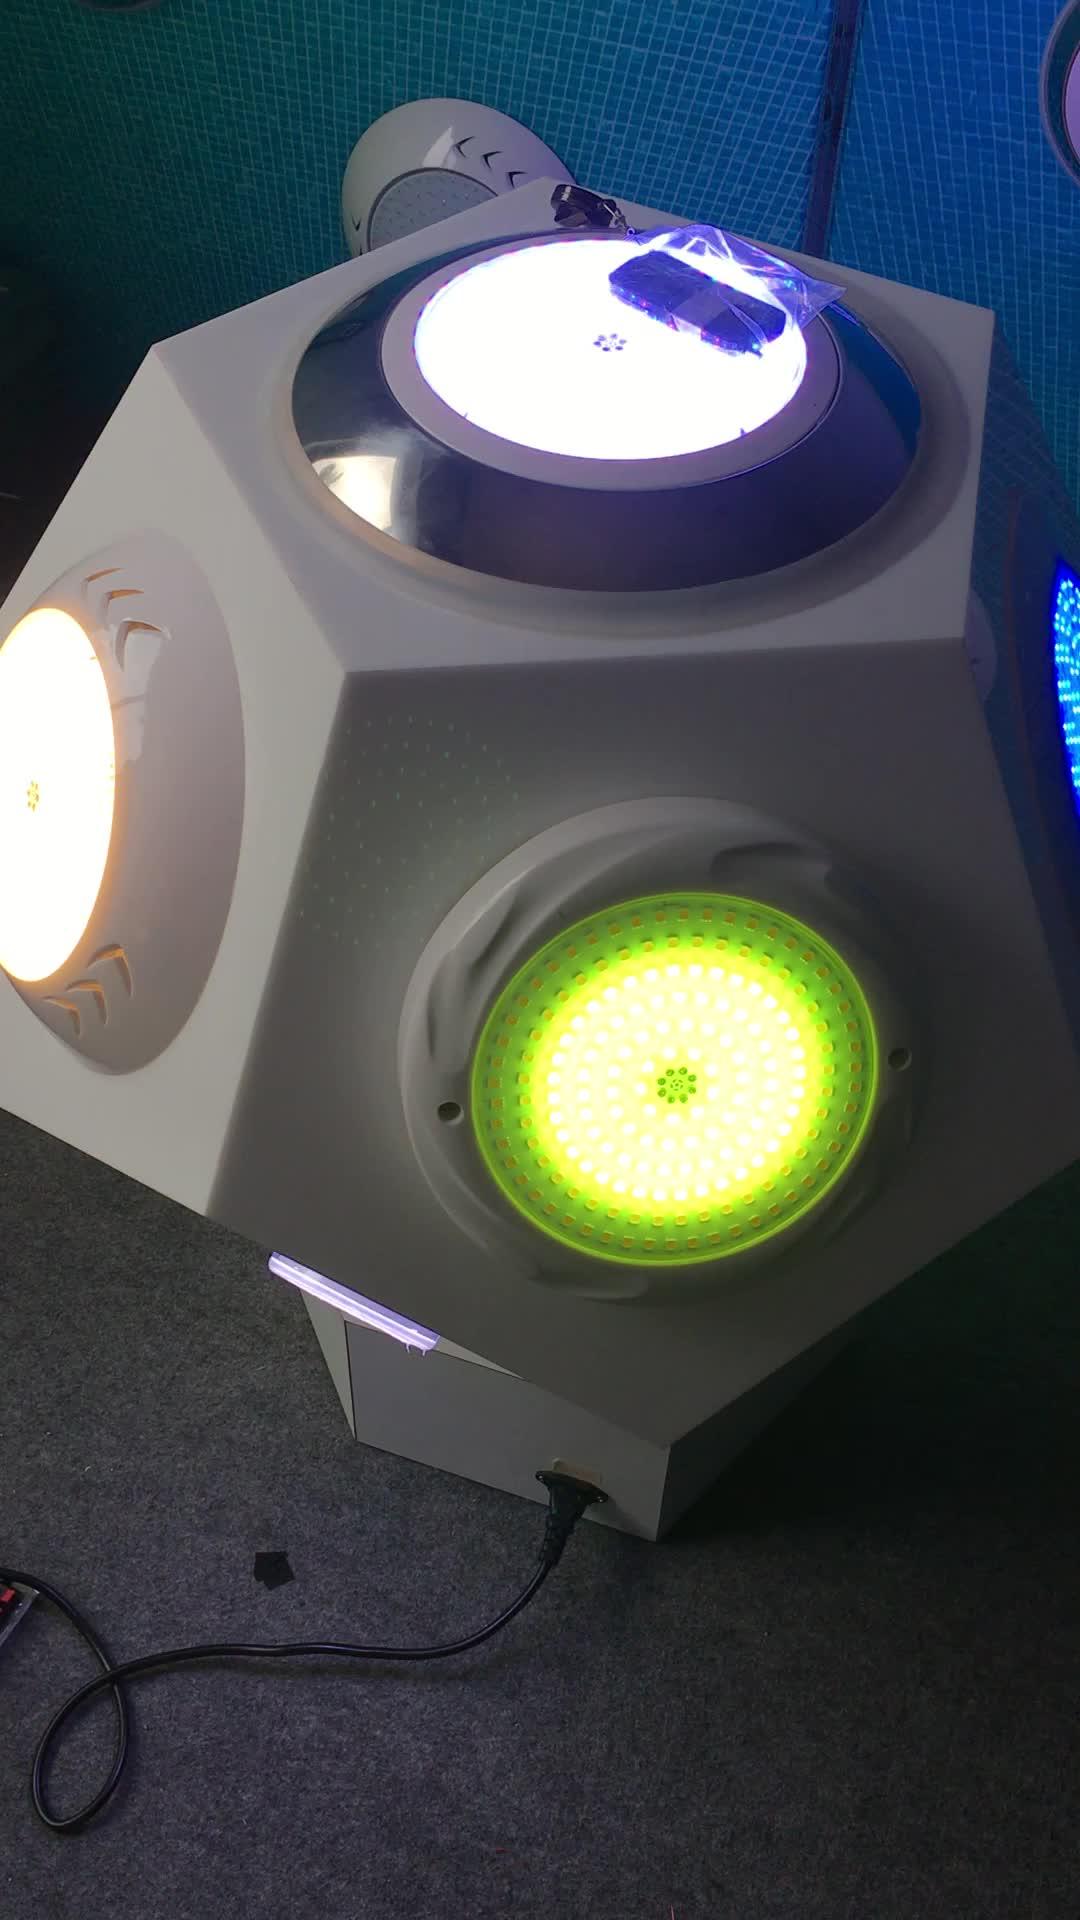 Хит продаж 2017, пульт дистанционного управления Hentech с Wi-Fi для умного дома с трансформатором и излучателем для подводного освещения Hentech